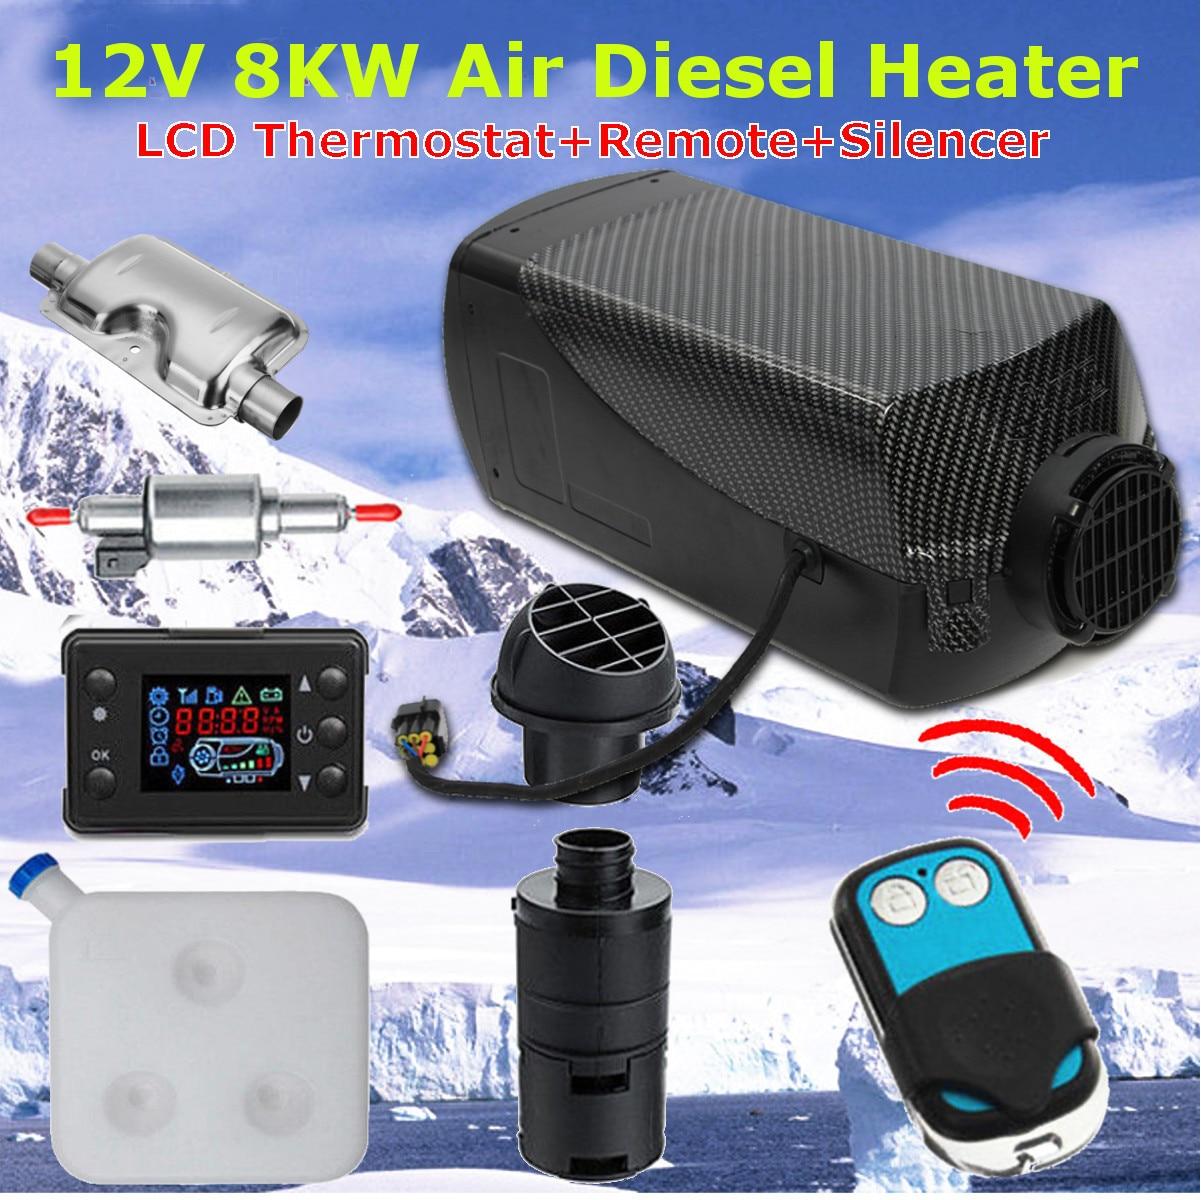 12 V 8000 W Monitor LCD Aria diesel di Riscaldamento a Combustibile Singolo Foro 8KW Per La Barca Bus Auto Riscaldatore Con Telecomando di controllo e Silenziatore Per trasporto